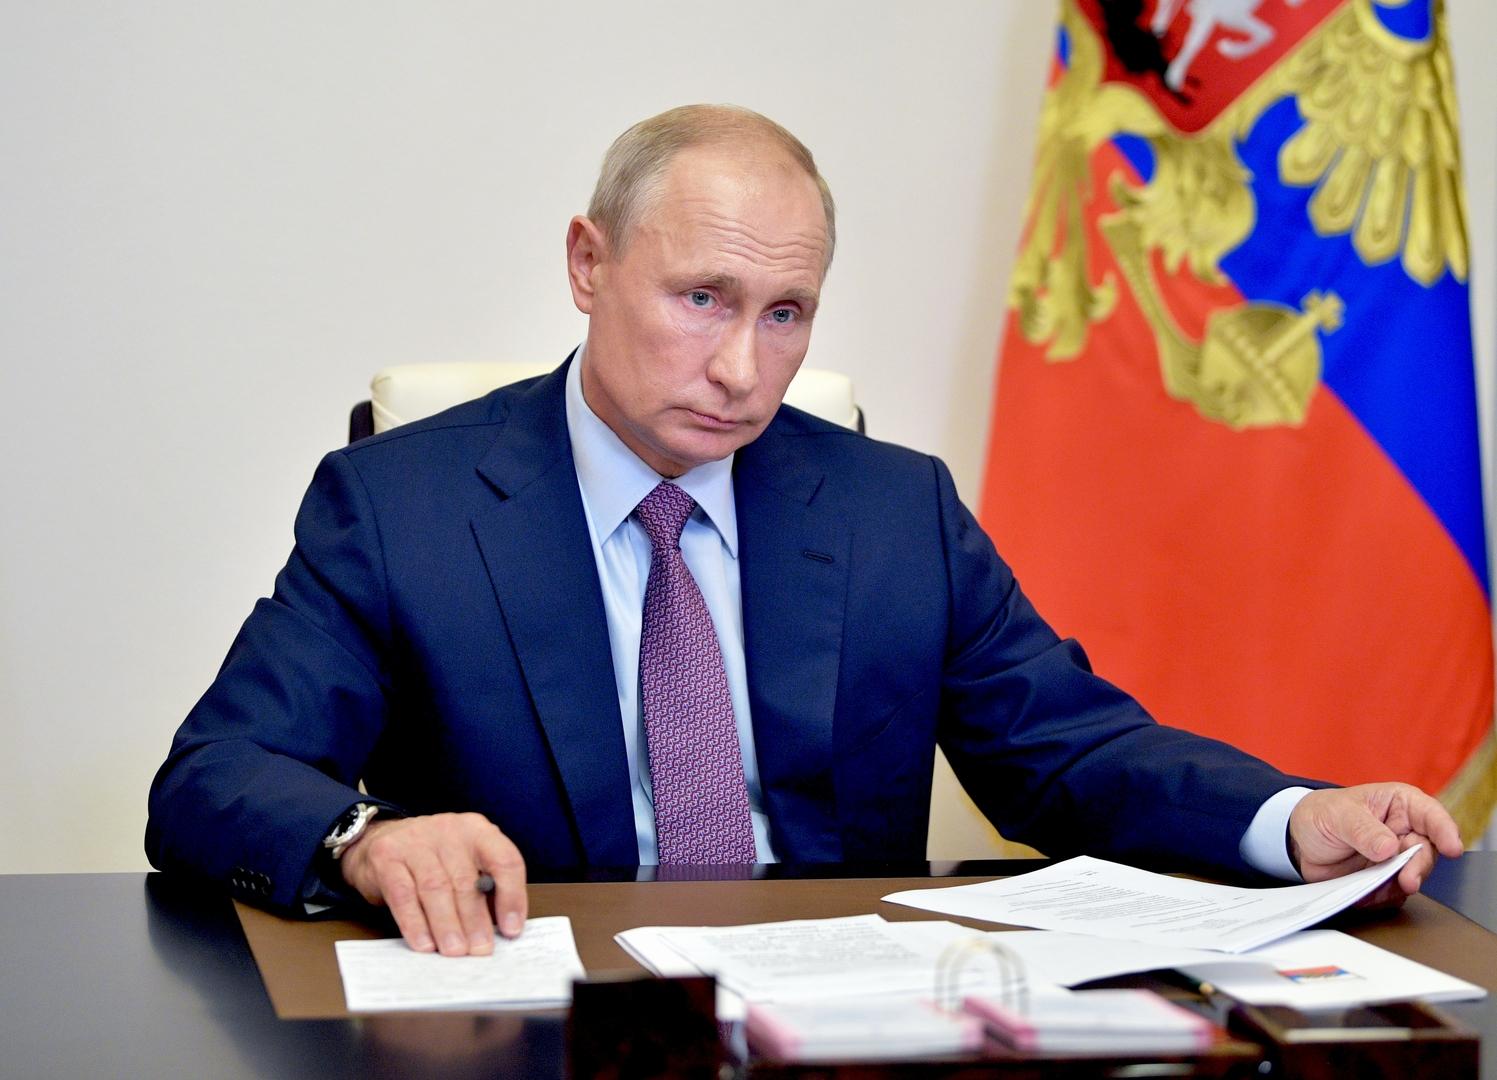 بوتين يعزي ميانمار بضحايا الانهيار الأرضي